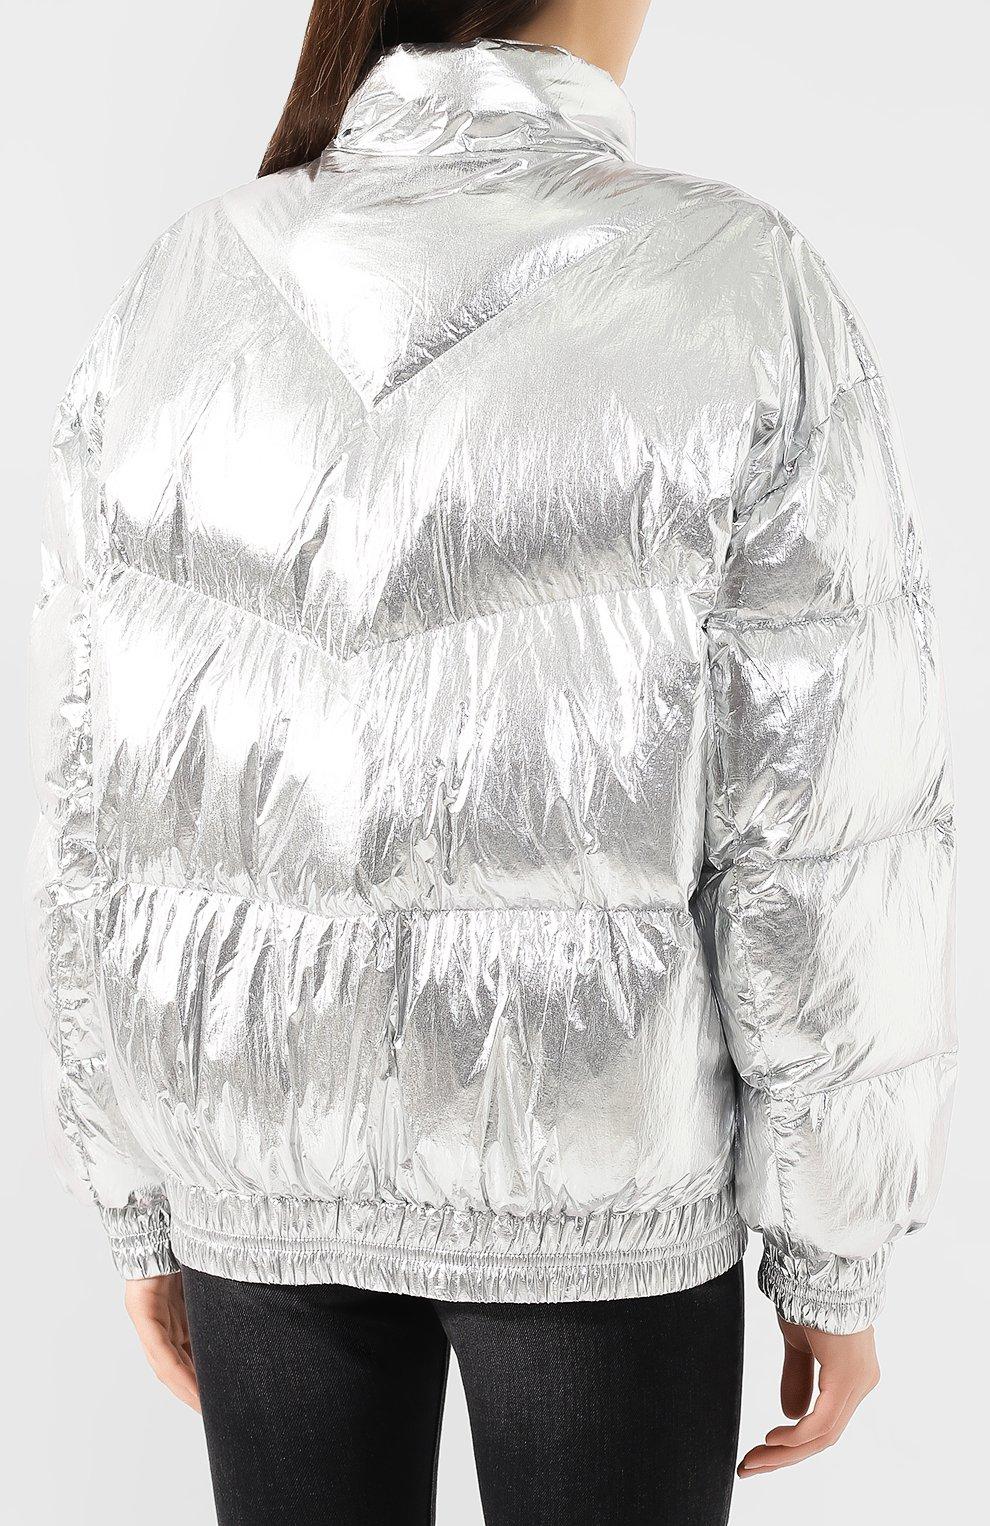 Женский утепленная куртка ISABEL MARANT ETOILE серебряного цвета, арт. MA0592-19A074E/KRISTEN | Фото 4 (Кросс-КТ: Куртка, Пуховик; Рукава от горловины: Длинные; Рукава: Длинные; Женское Кросс-КТ: Пуховик-куртка; Материал внешний: Синтетический материал; Материал подклада: Синтетический материал; Статус проверки: Проверено, Проверена категория; Длина (верхняя одежда): Короткие)